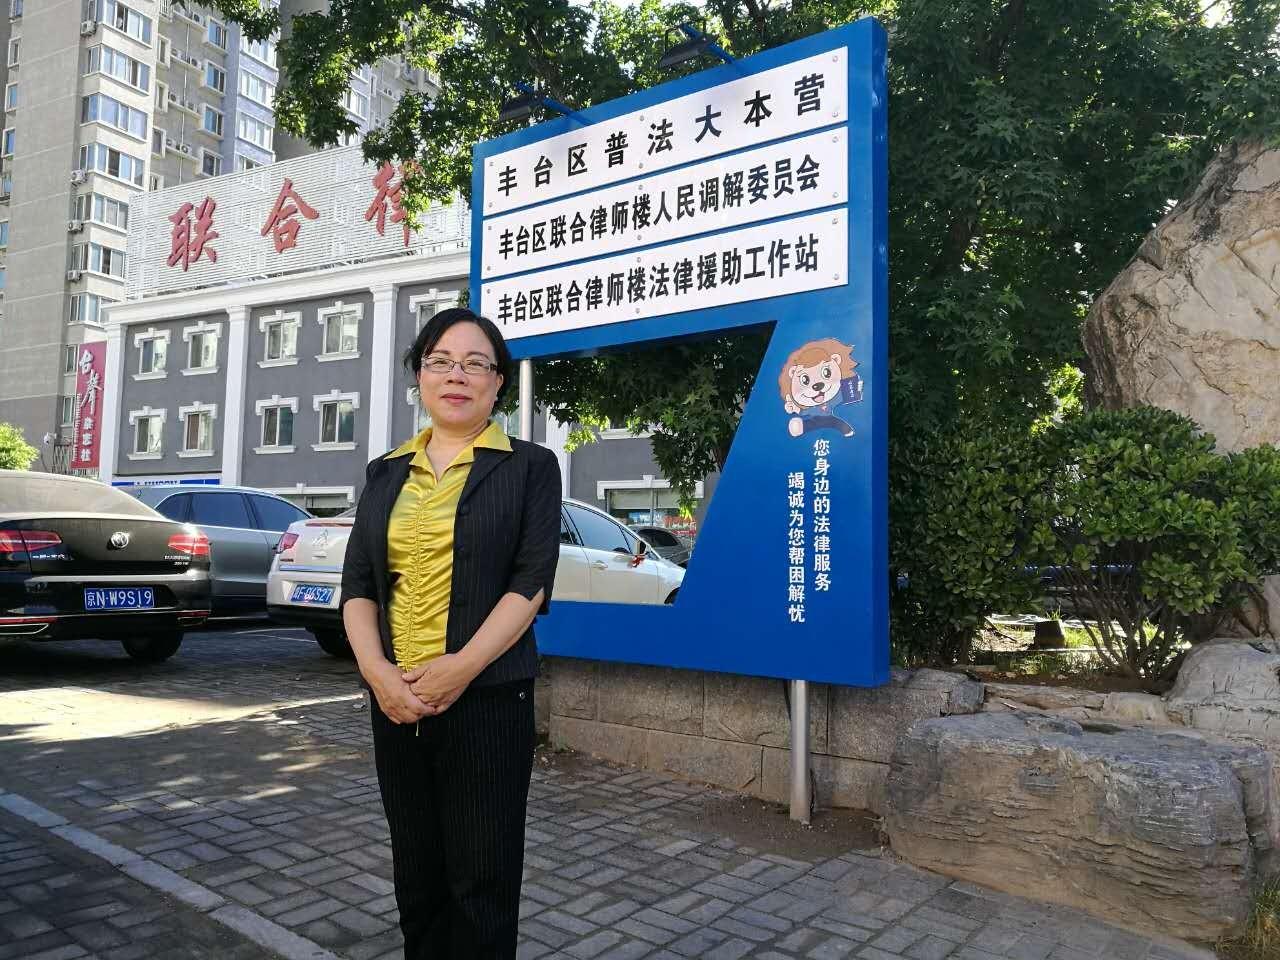 致力打造律师业的航空母舰 ----记政协委员 郑爱利